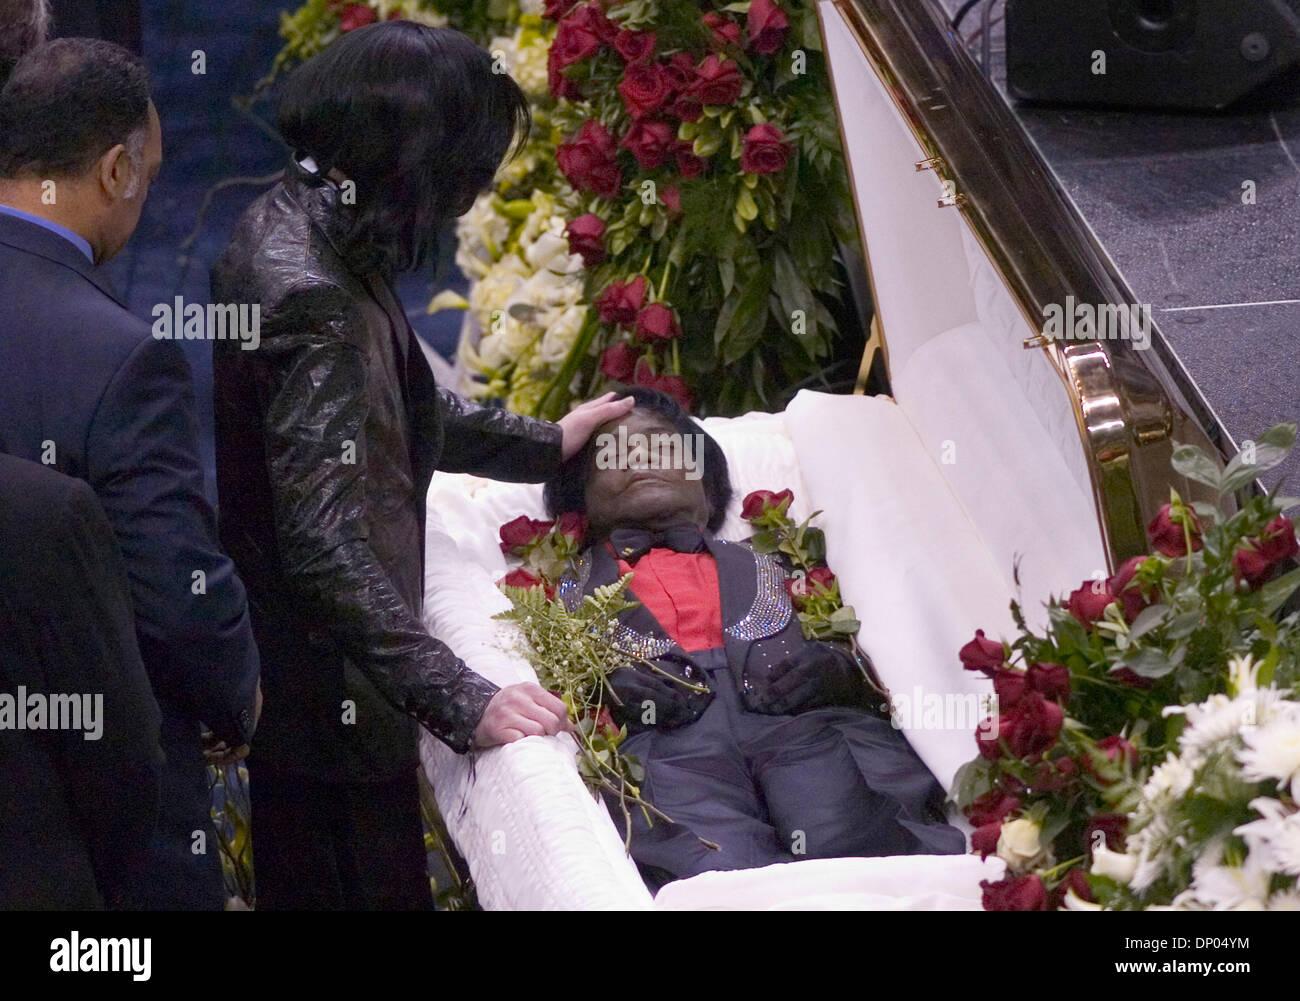 Похороны майкла джексона видео растянутой